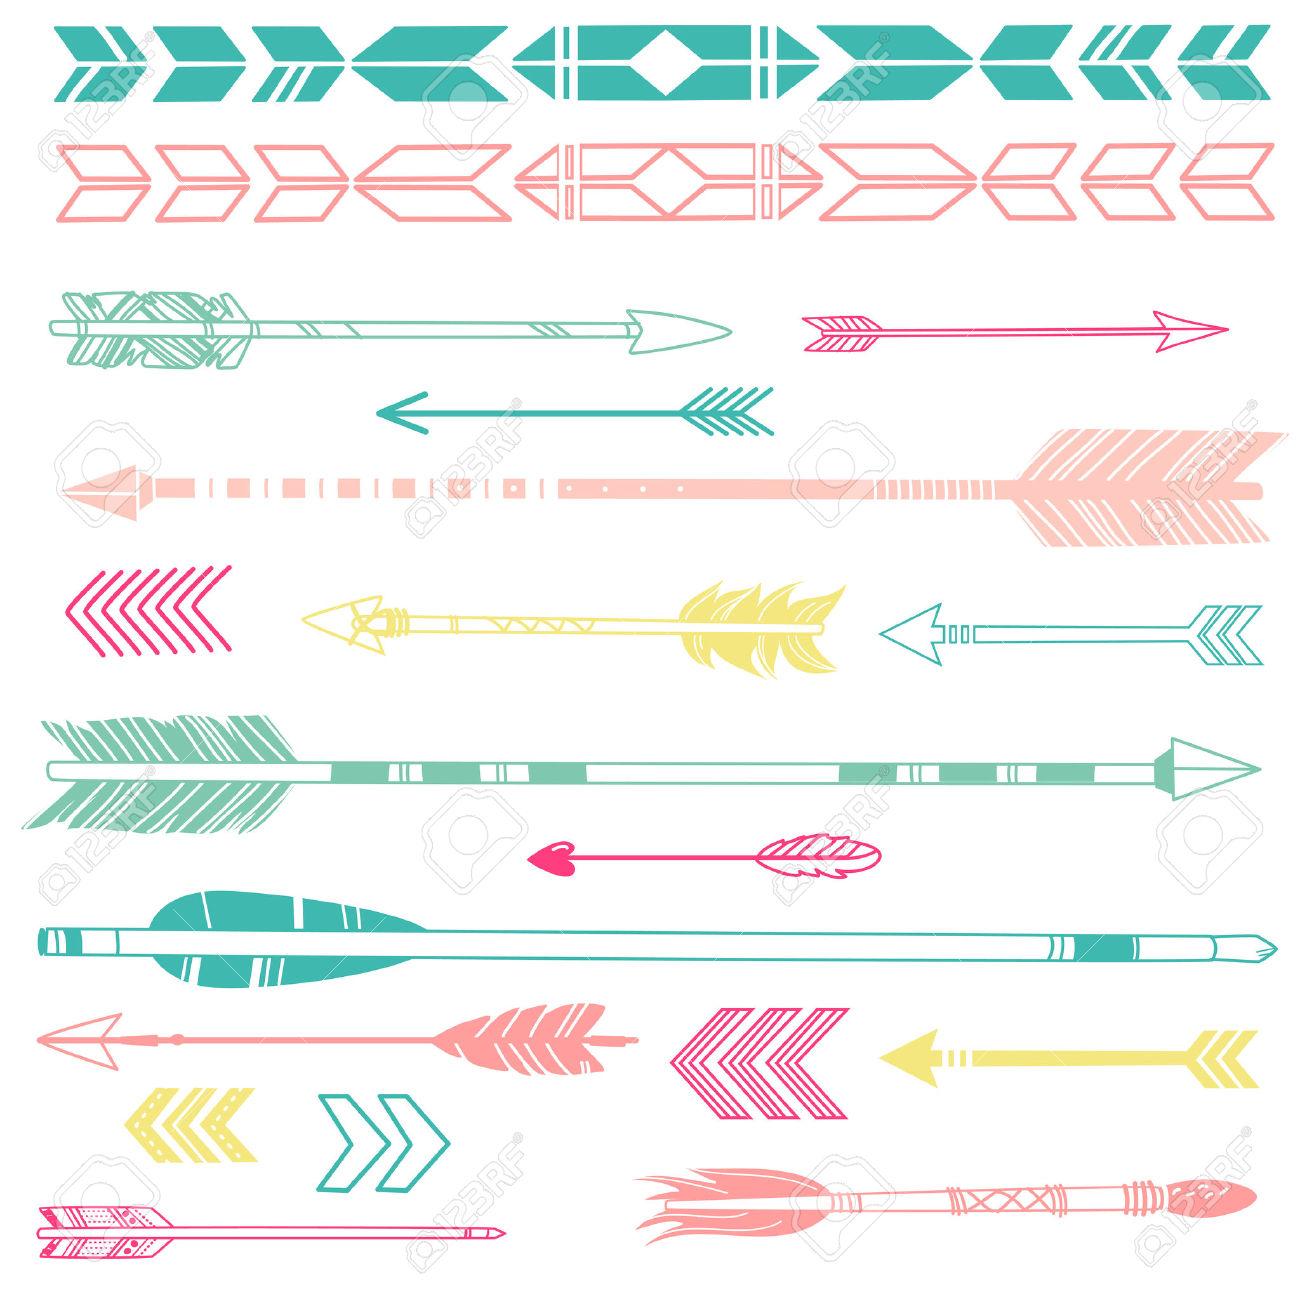 Arrow clipart cute clipart stock Indian Arrow Cute Clipart clipart stock